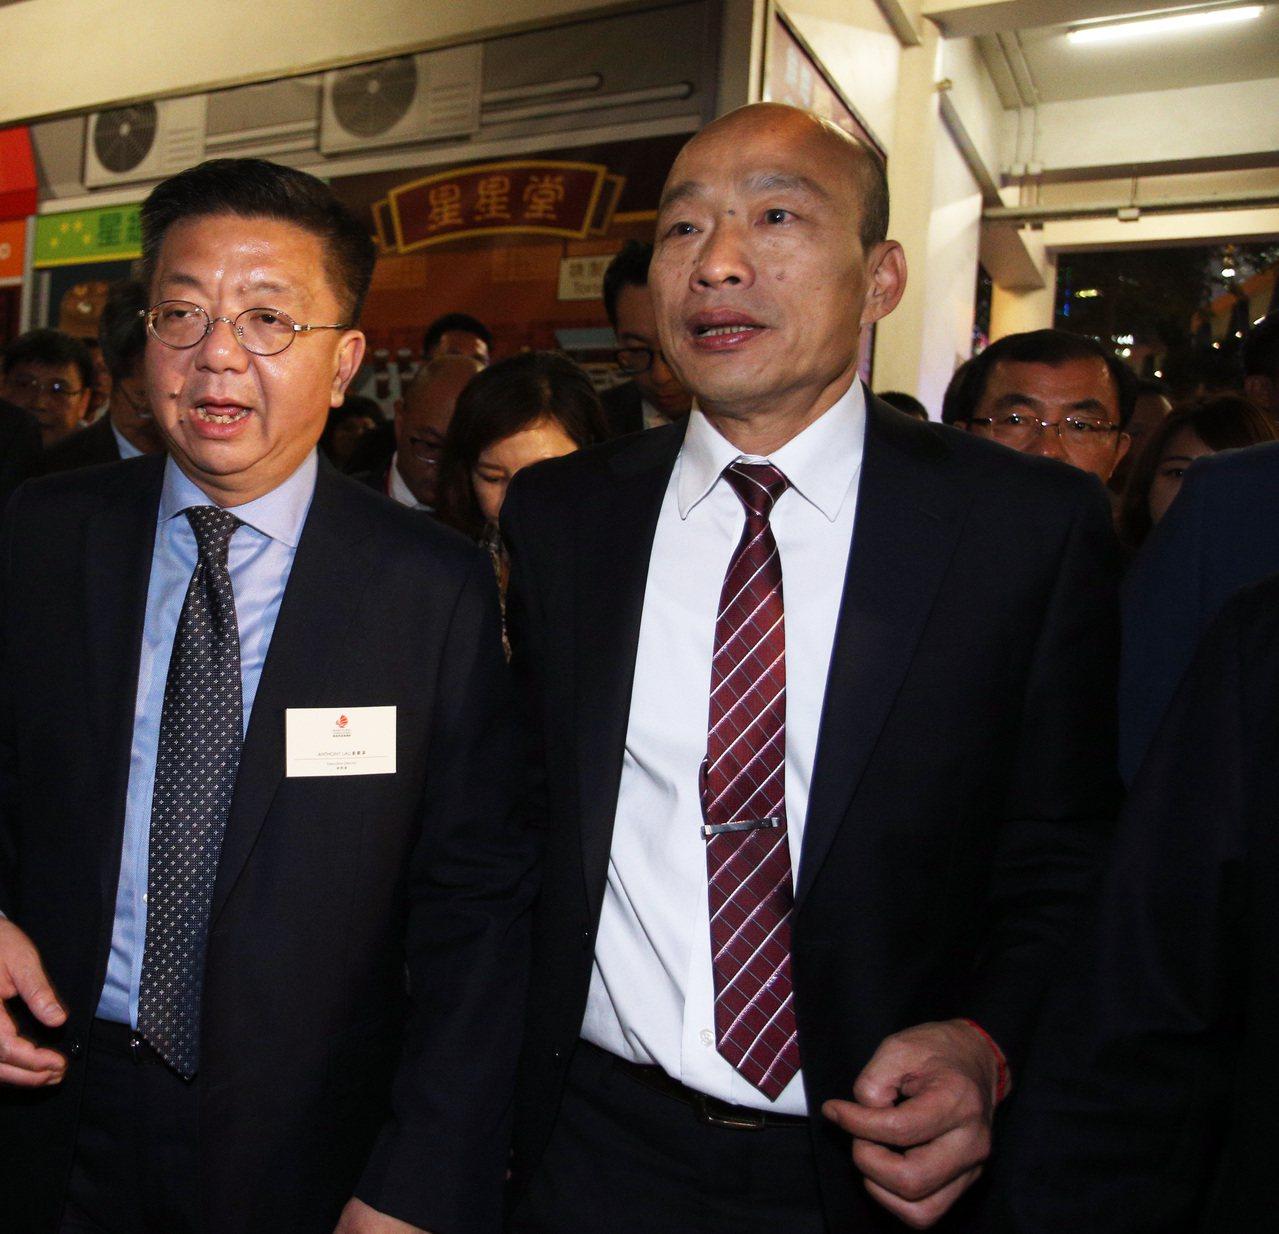 高雄市長韓國瑜晚上參觀香港維多利亞港。記者劉學聖/攝影